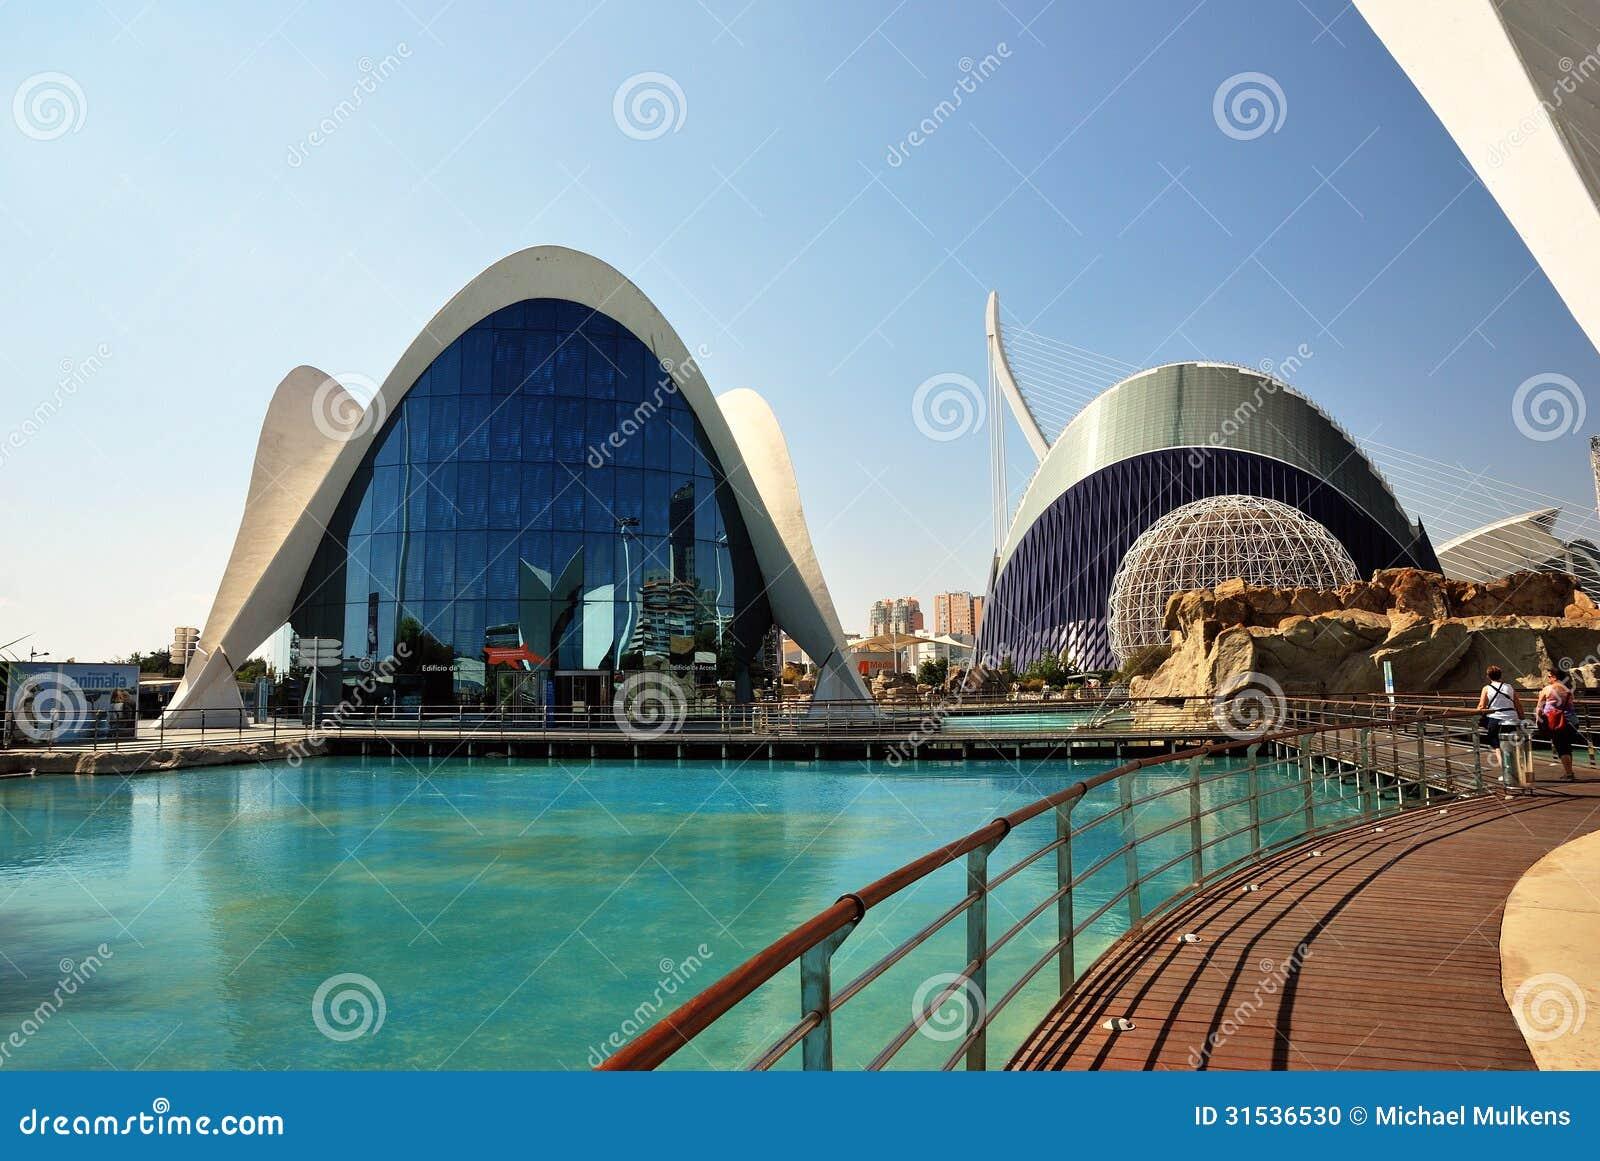 El oceanografic en valencia imagen editorial imagen de for Acuario valencia precio